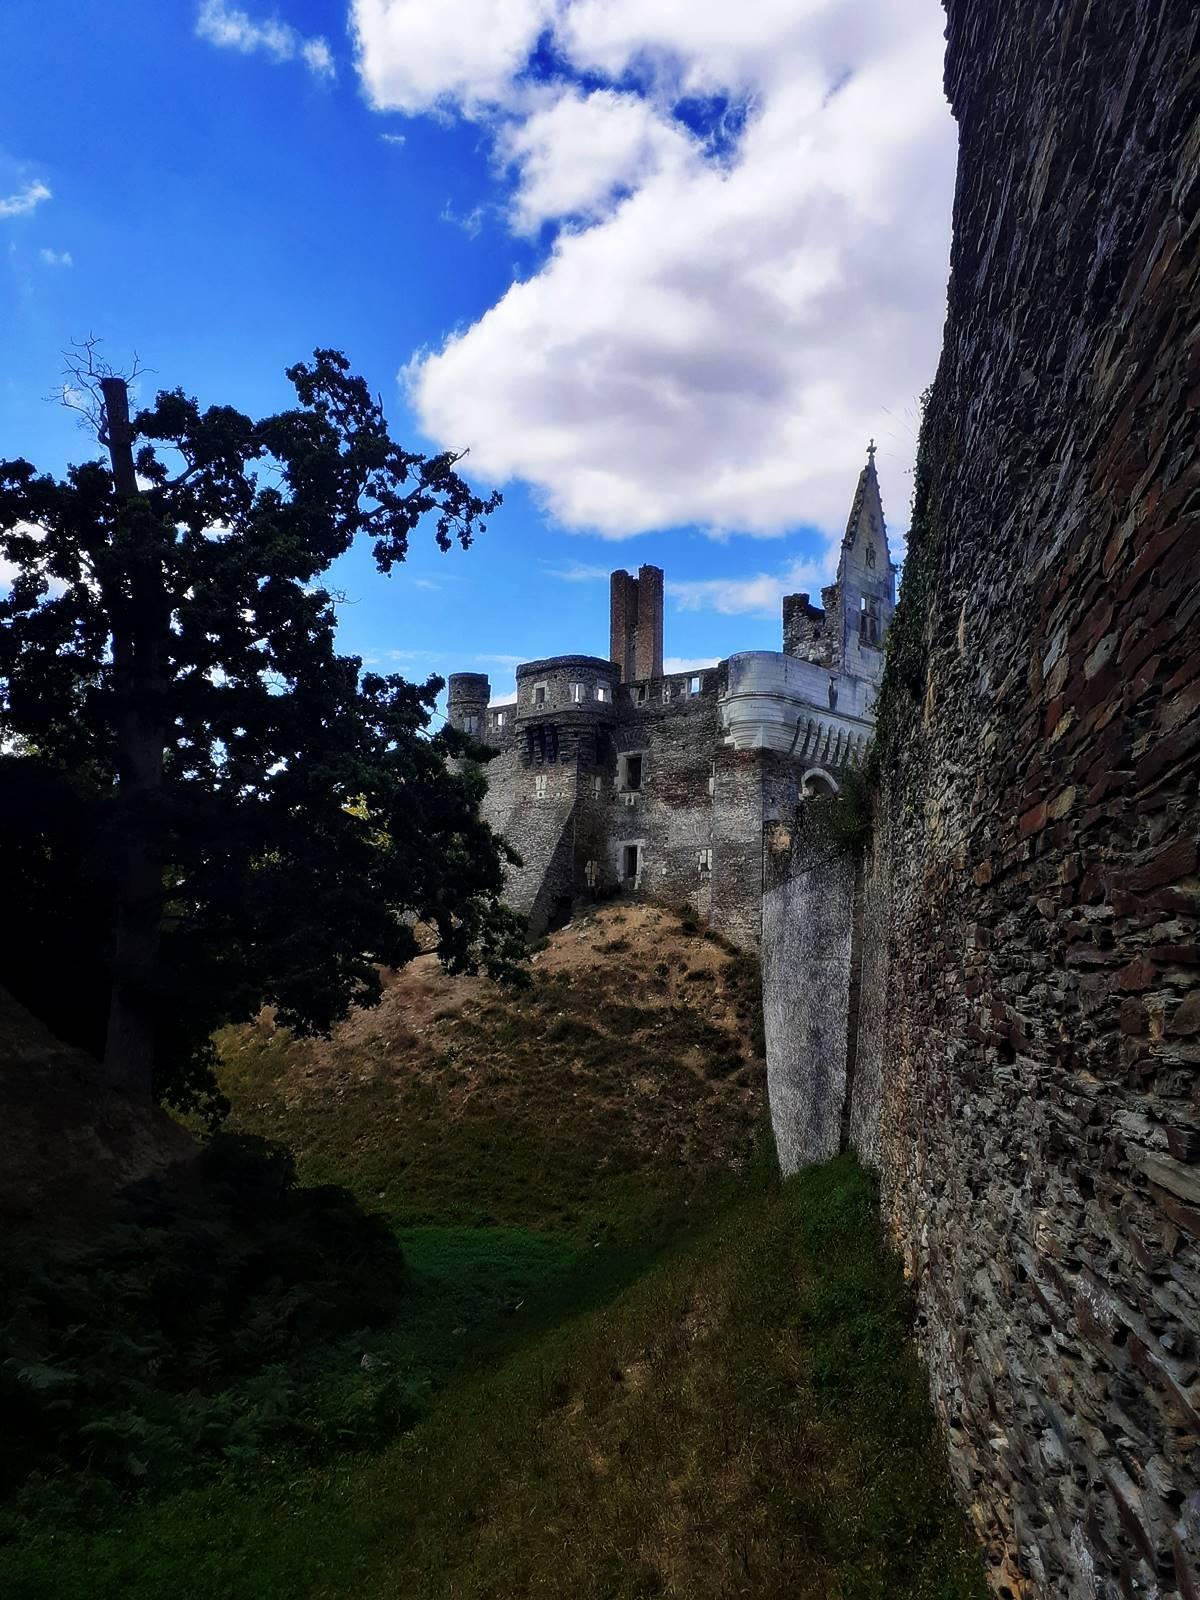 Chateau plessis mace maine loire gratuit20200801 202933